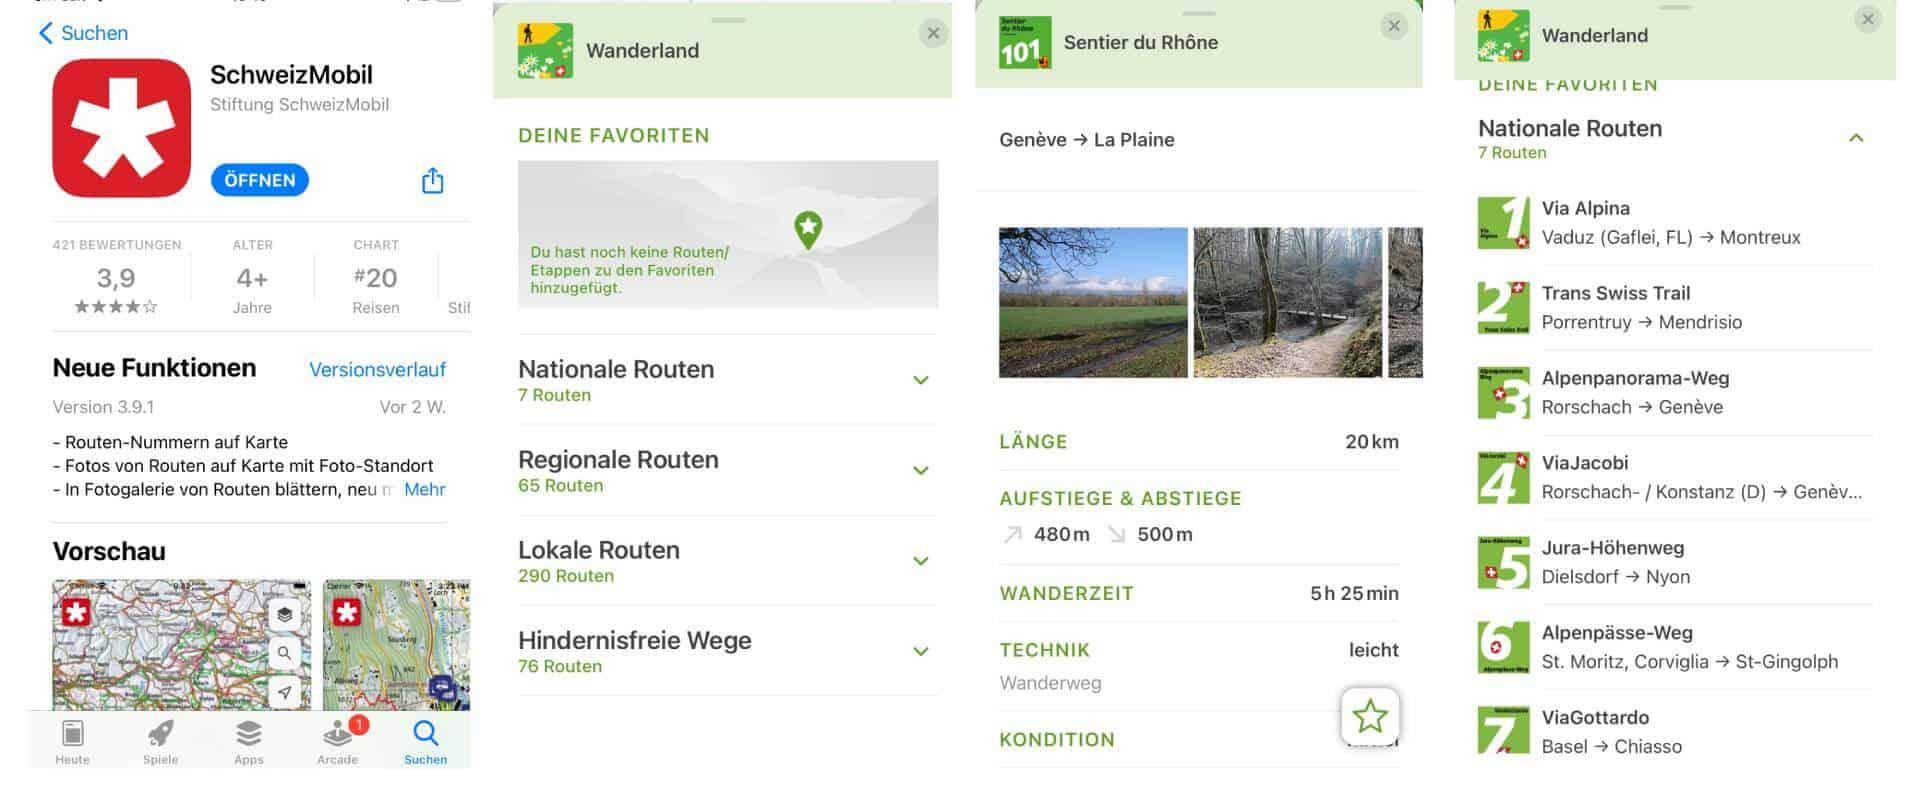 Wander App Wanderland für die Schweiz